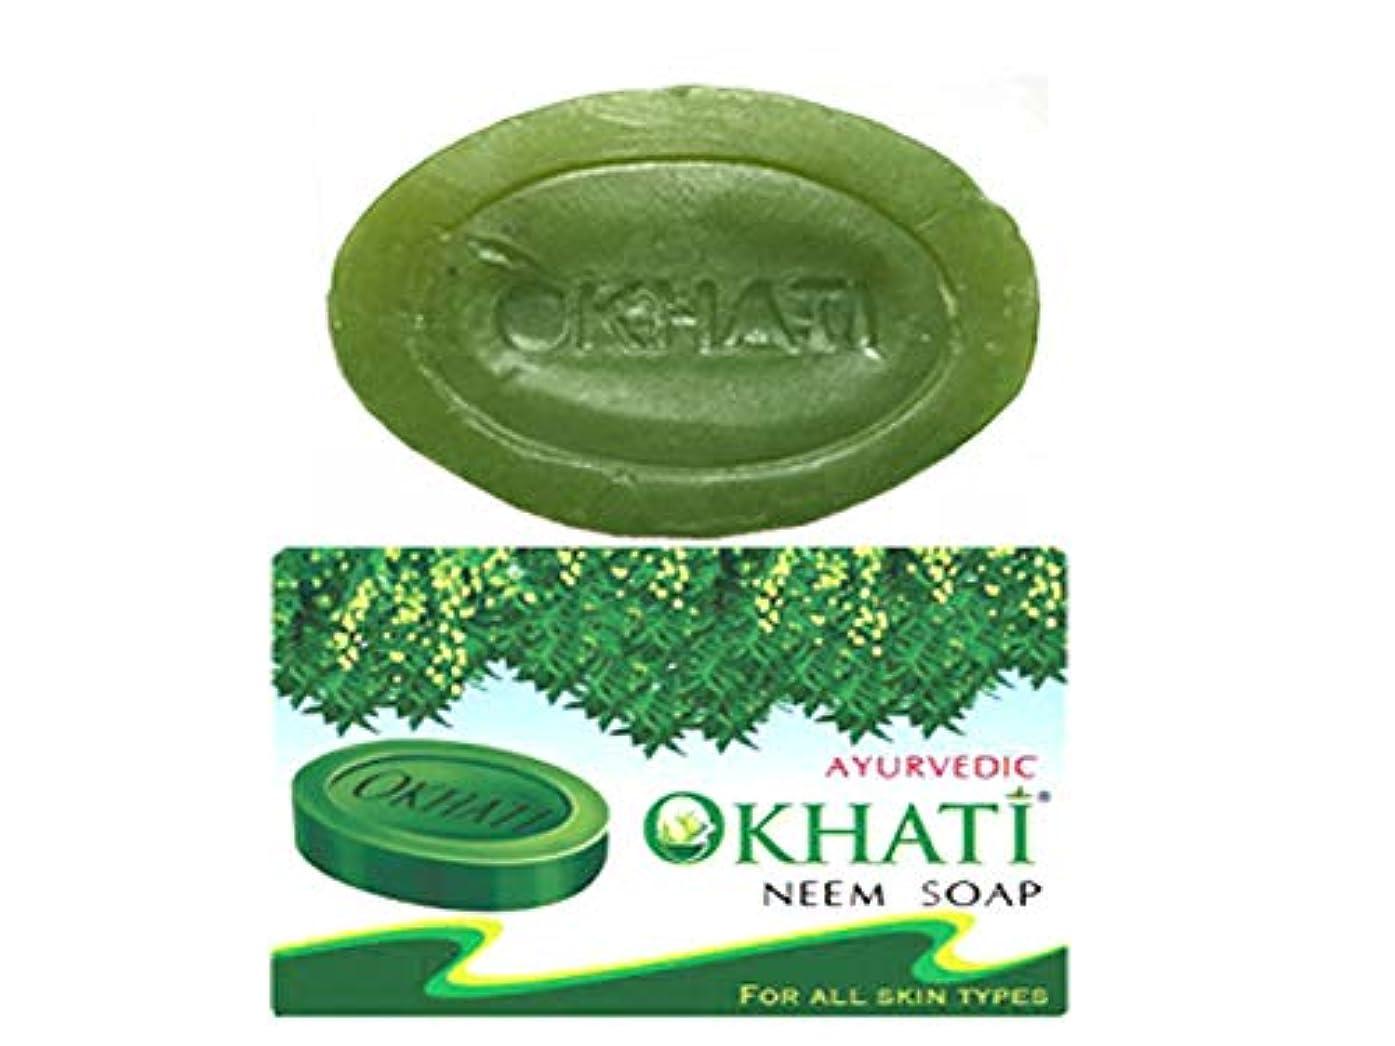 より良い流星服を洗うオカティ ニーム ソープ 75g AYURVEDEC OKHATI NEEM SOAP/NEPAL HIMALAYA SOAP ヒマラヤ石鹸